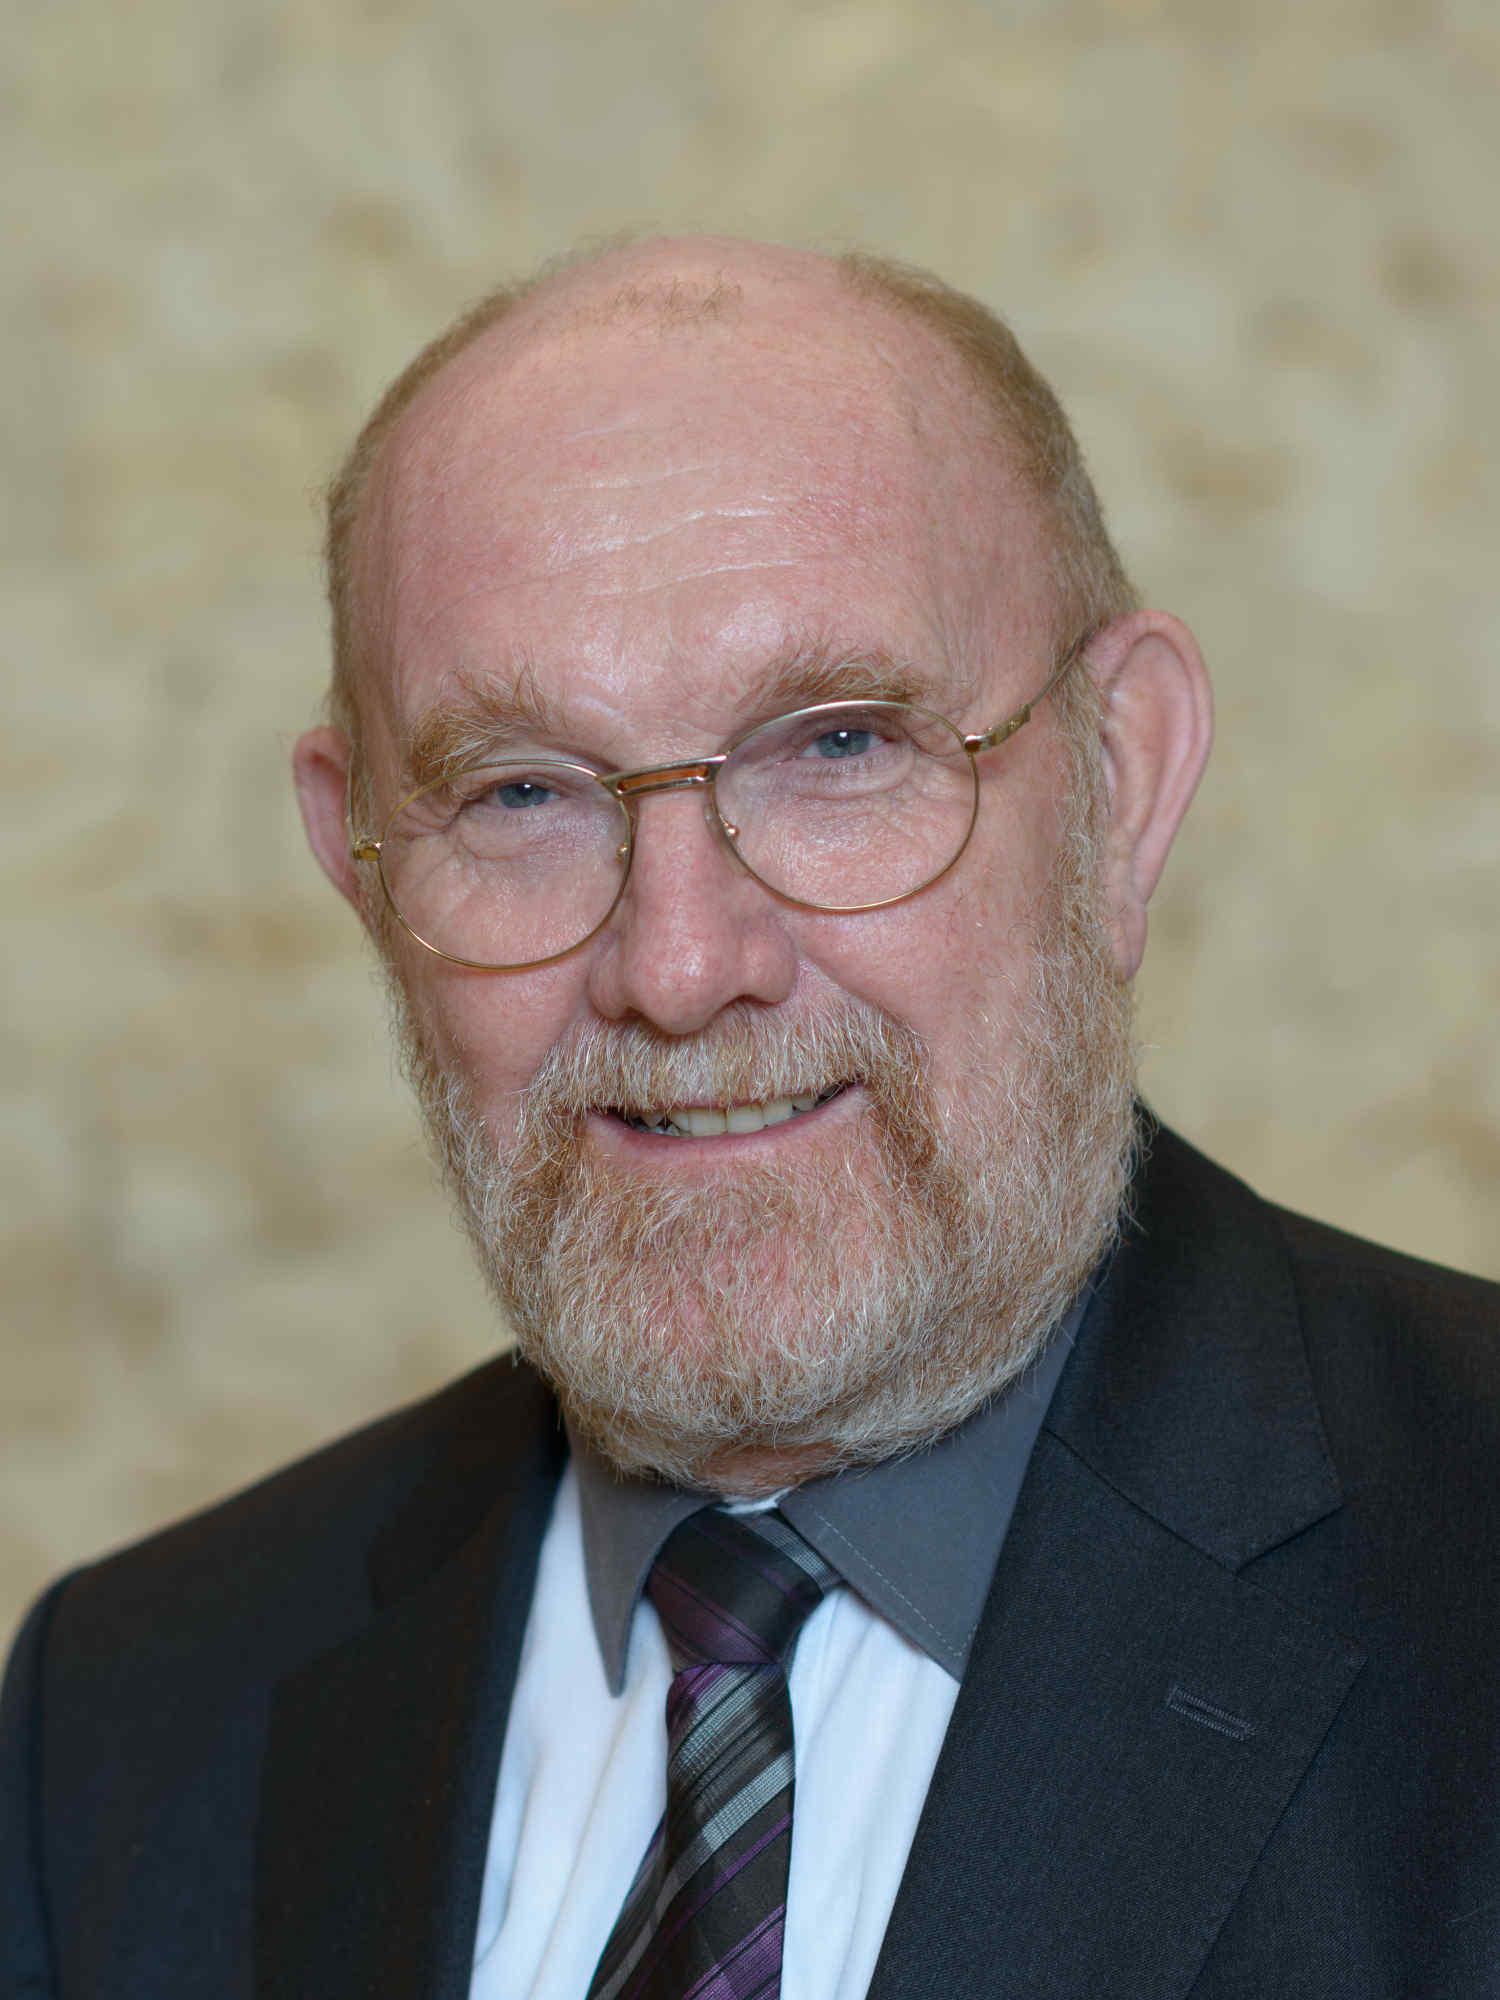 Prof. Dr. Manfred Wöhrl ist aktuell in 4 Arbeitskreisen des Austrian-Standard-Instituts aktiv tätig - speziell auch zum Thema EU-DSGVO.